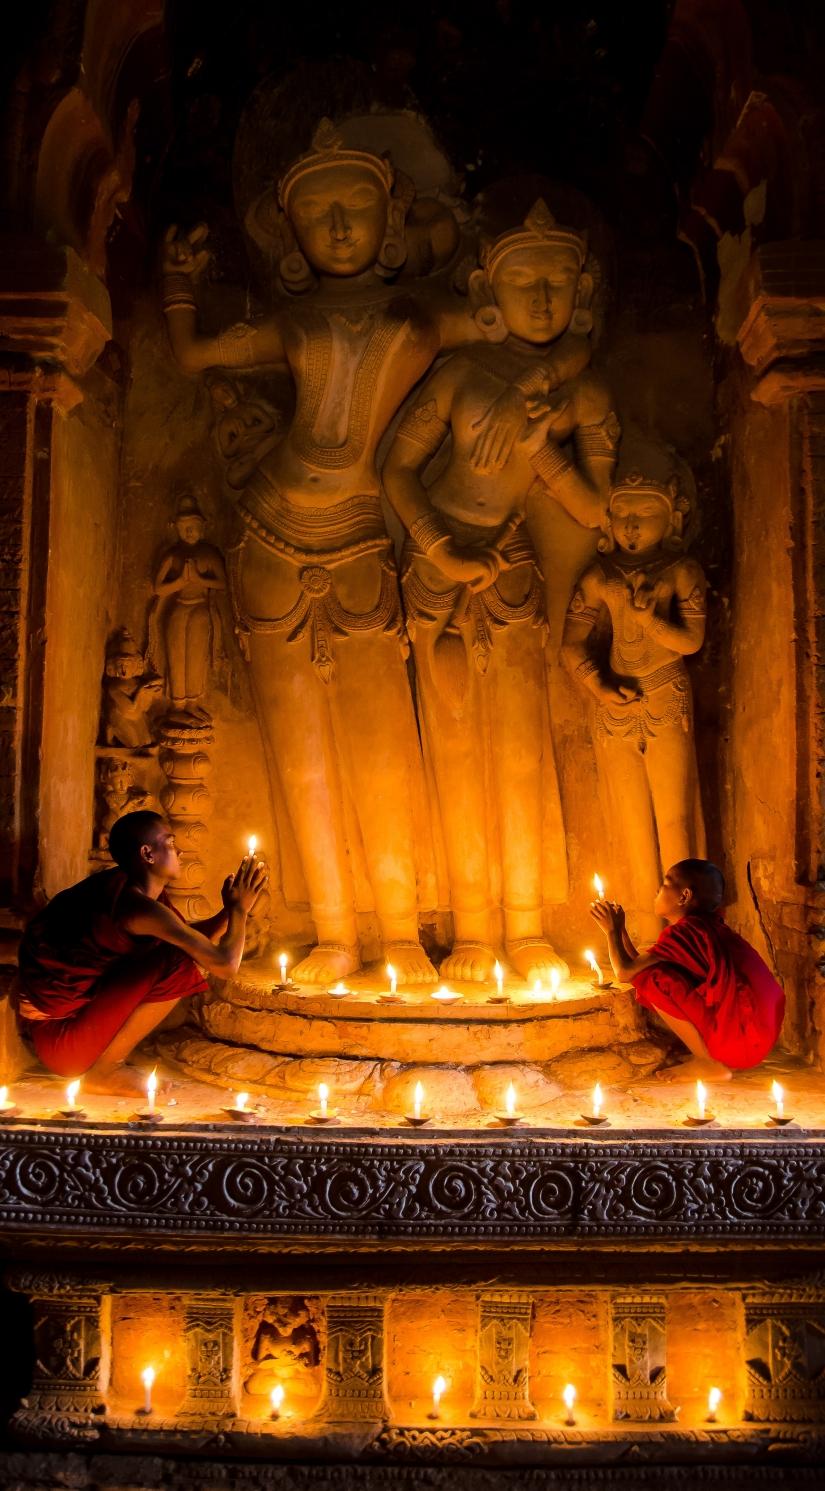 Praying at candle light